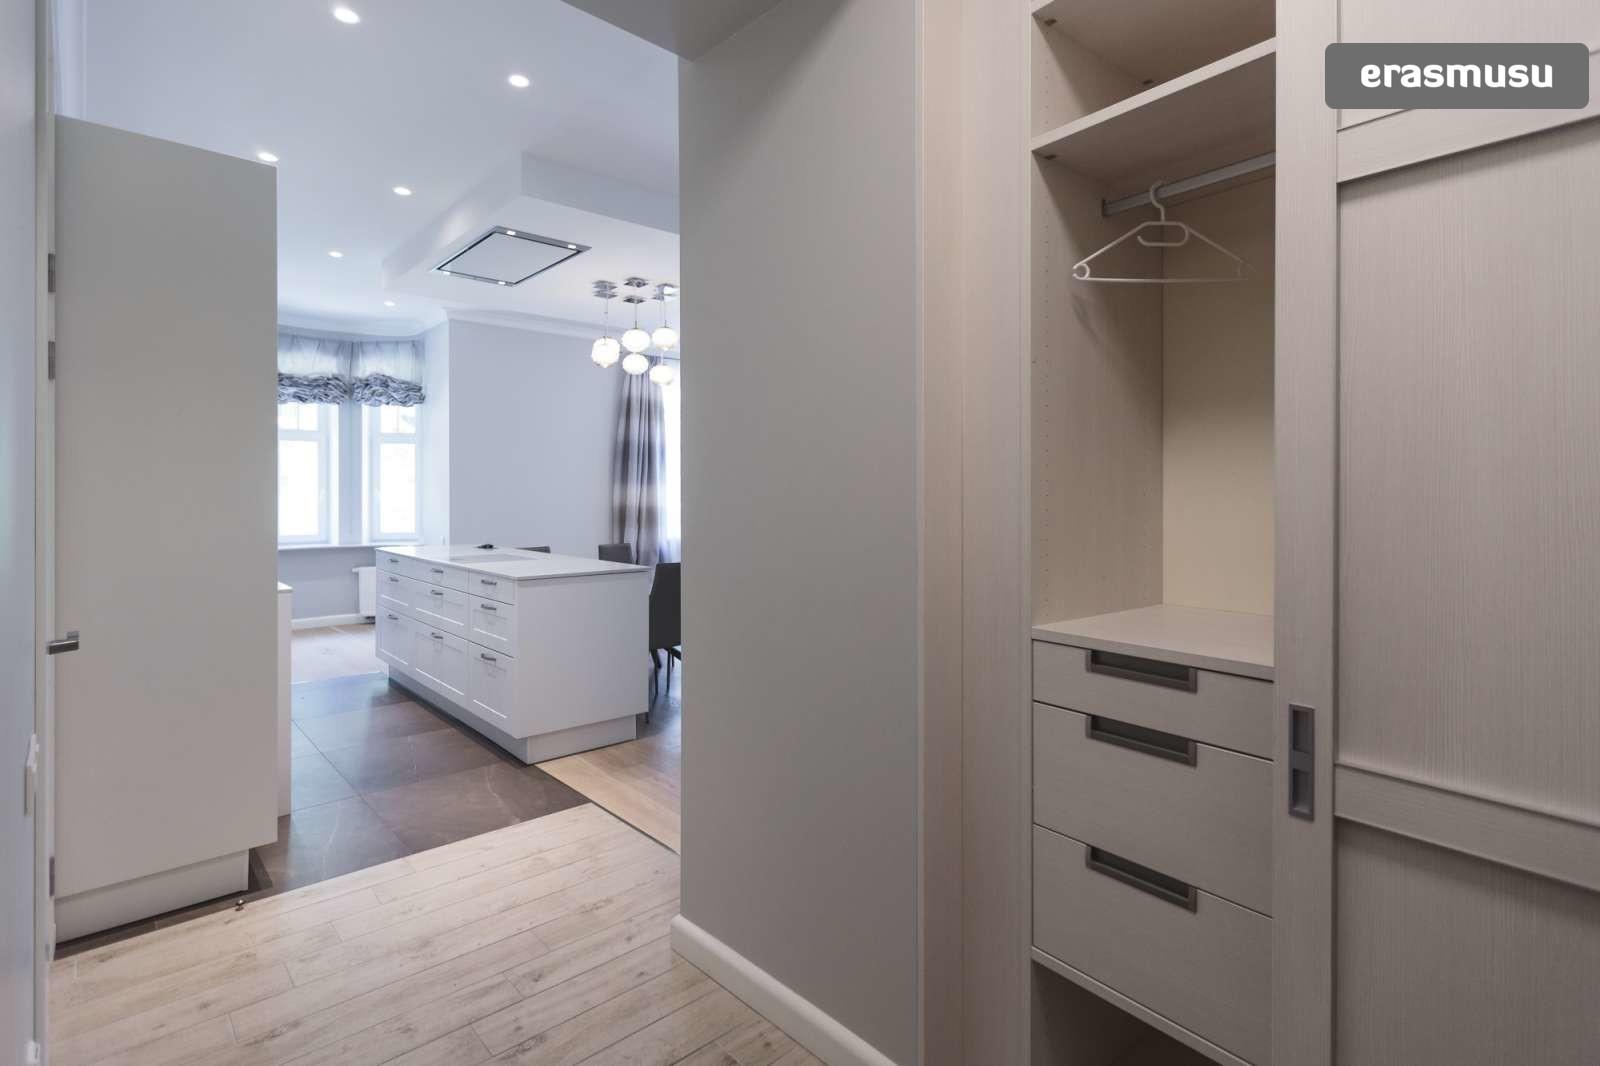 elegant-1-bedroom-apartment-rent-centrs-4205a058b84d2a969f3ebdd8